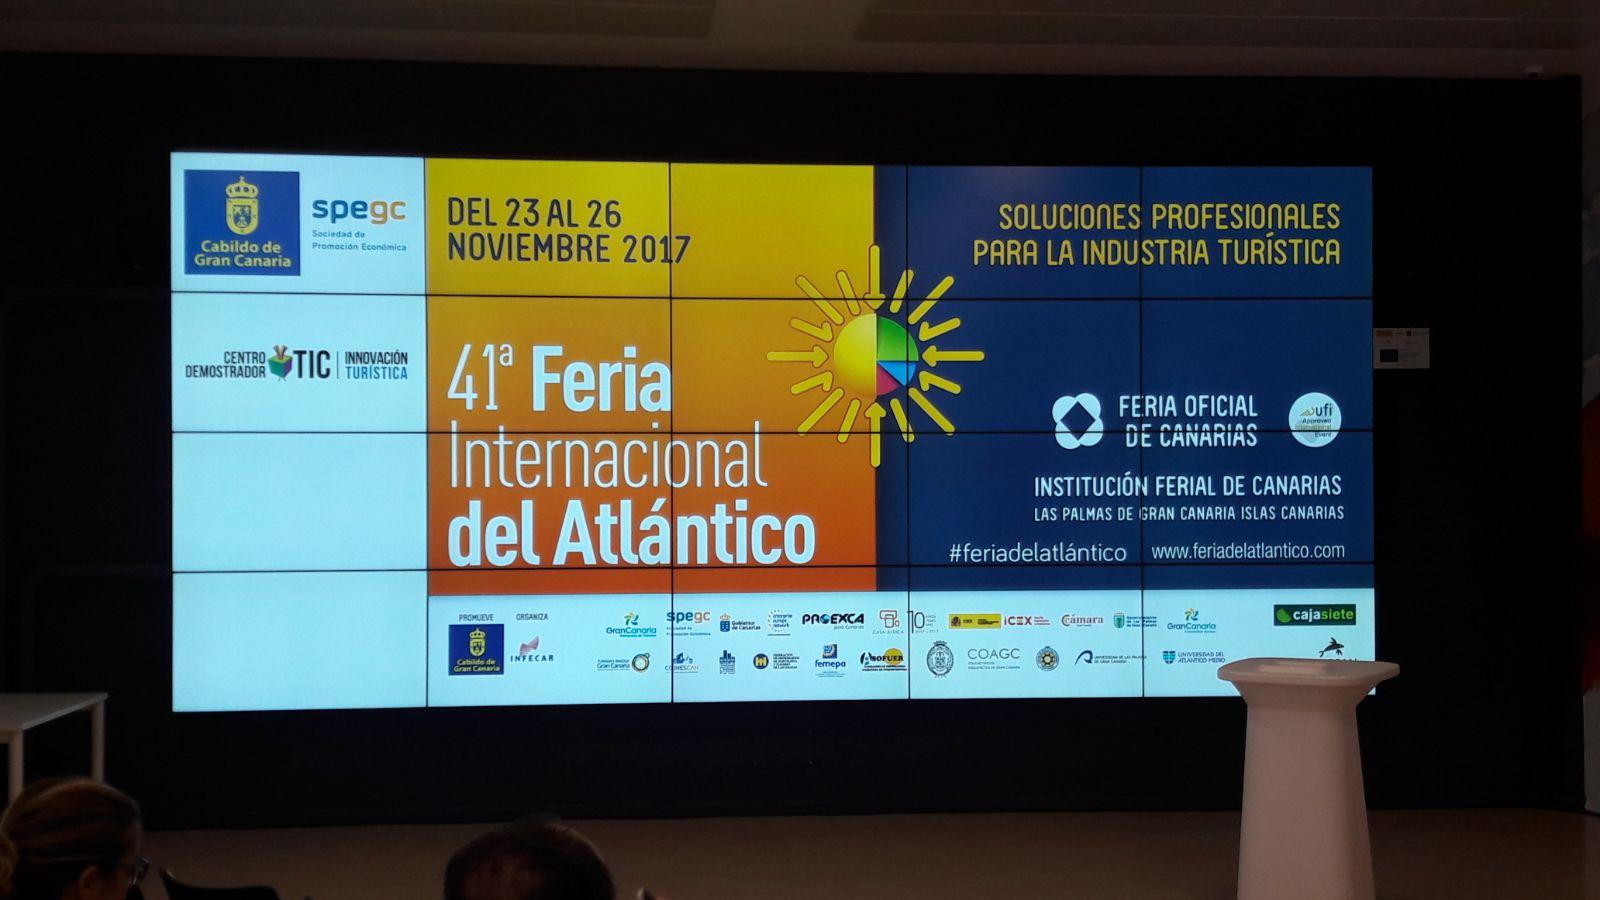 CICOM TUoperador presente en la 41ª Feria Internacional del Atlántico